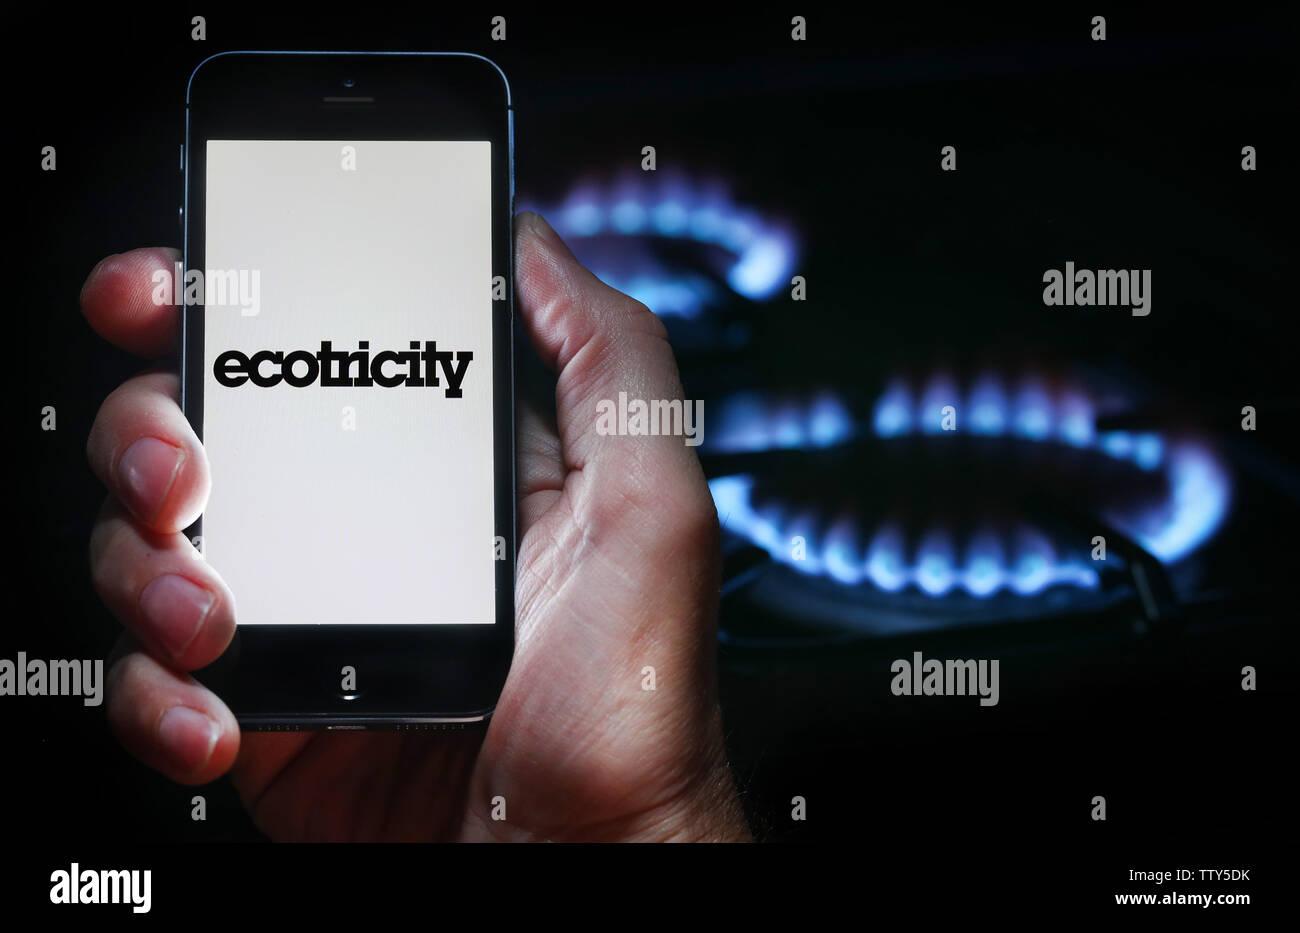 Un uomo che guarda il logo del sito web per l'energia azienda Ecotricity sul suo telefono cellulare nella parte anteriore della sua cucina a gas (solo uso editoriale) Immagini Stock